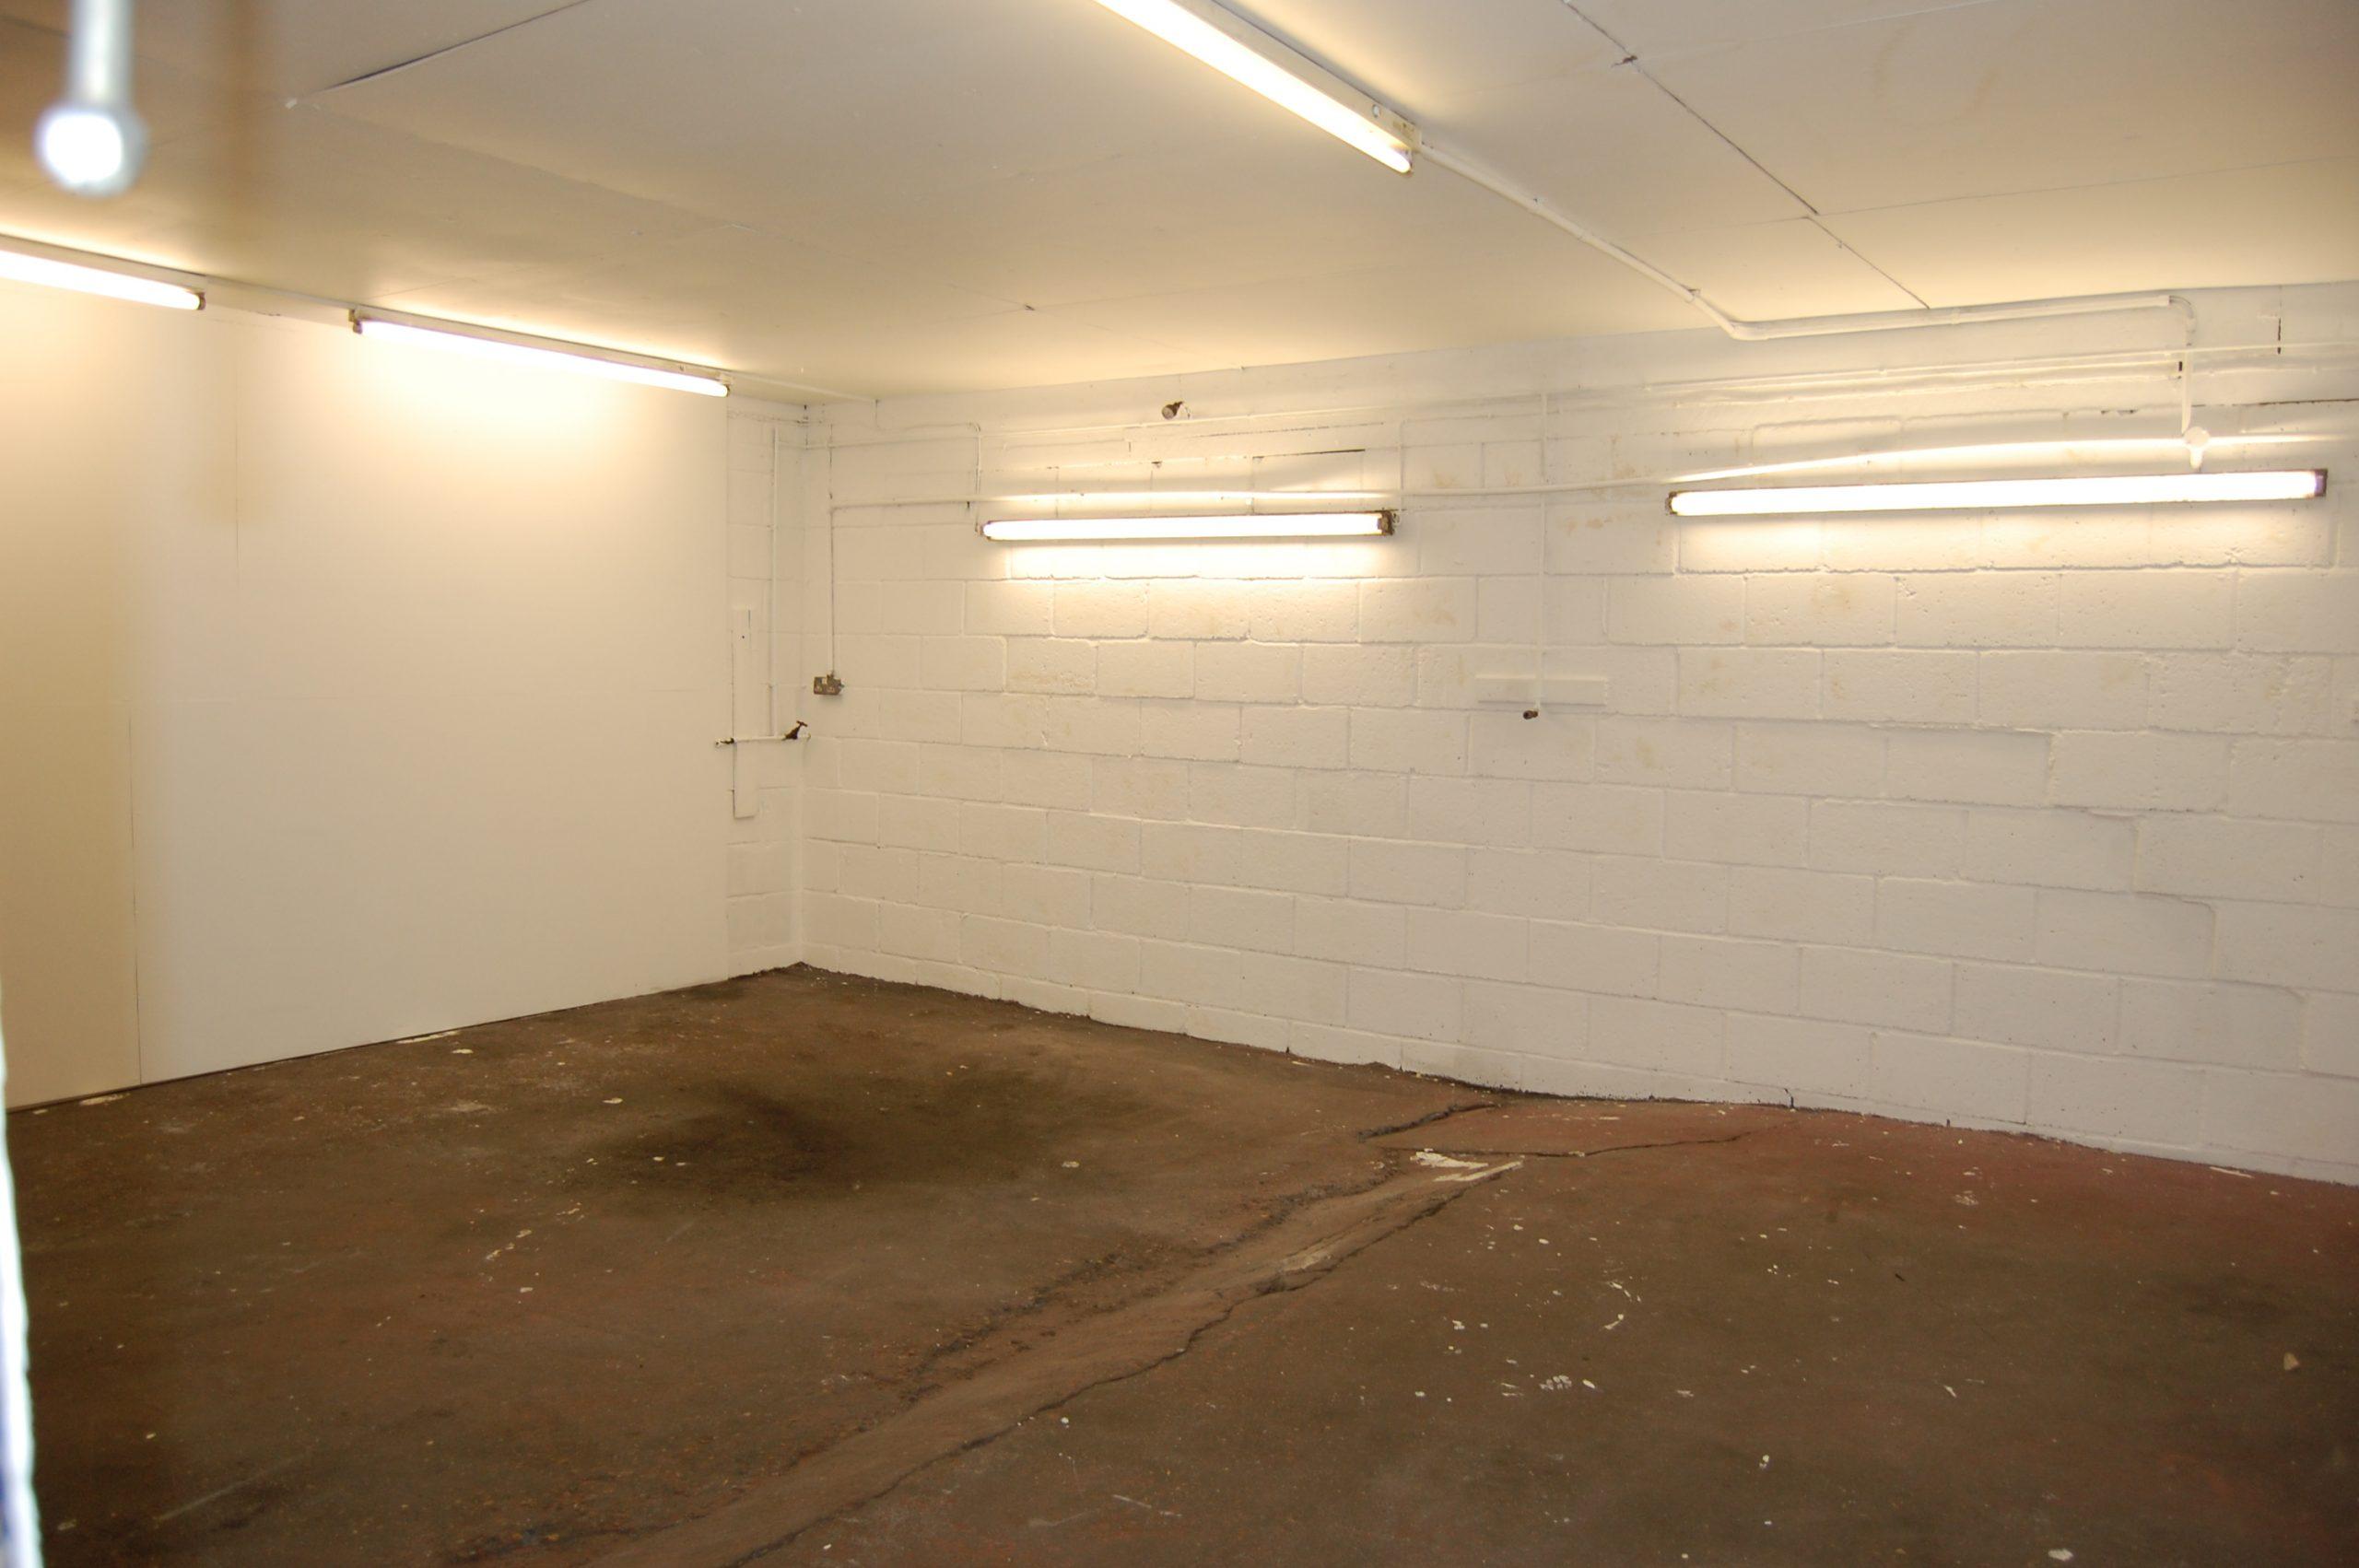 Car Repairs, Storage, Workshop